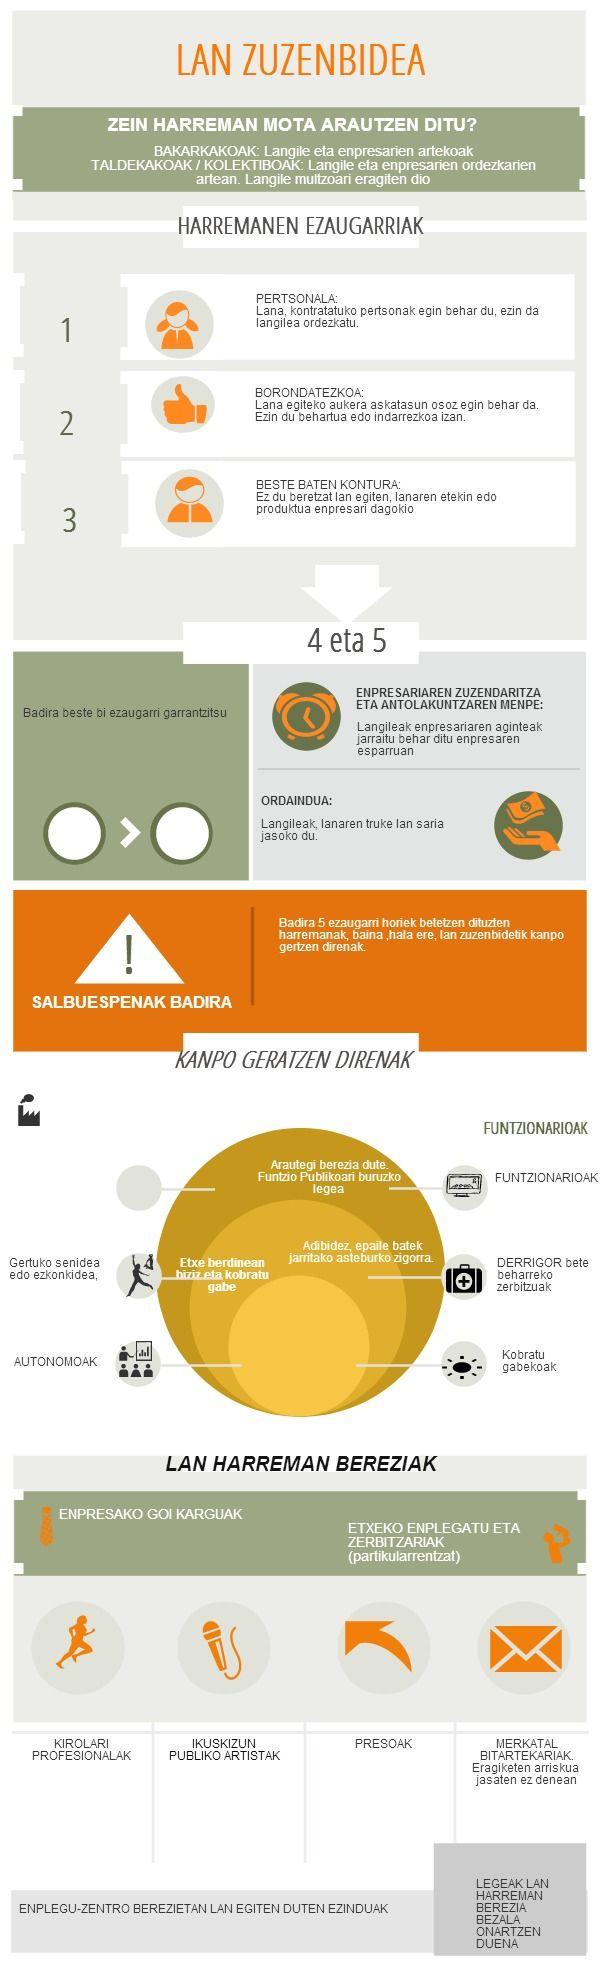 LAN ZUZENBIDEA   @Piktochart Infographic